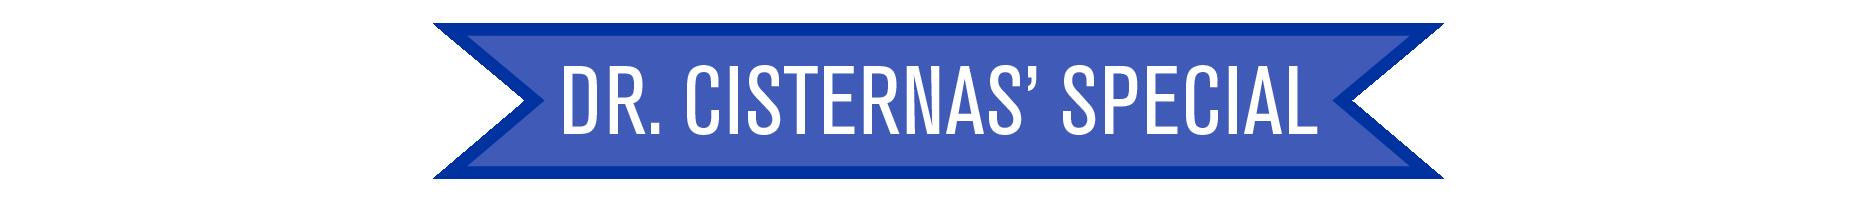 Dr. Cisternas' Special